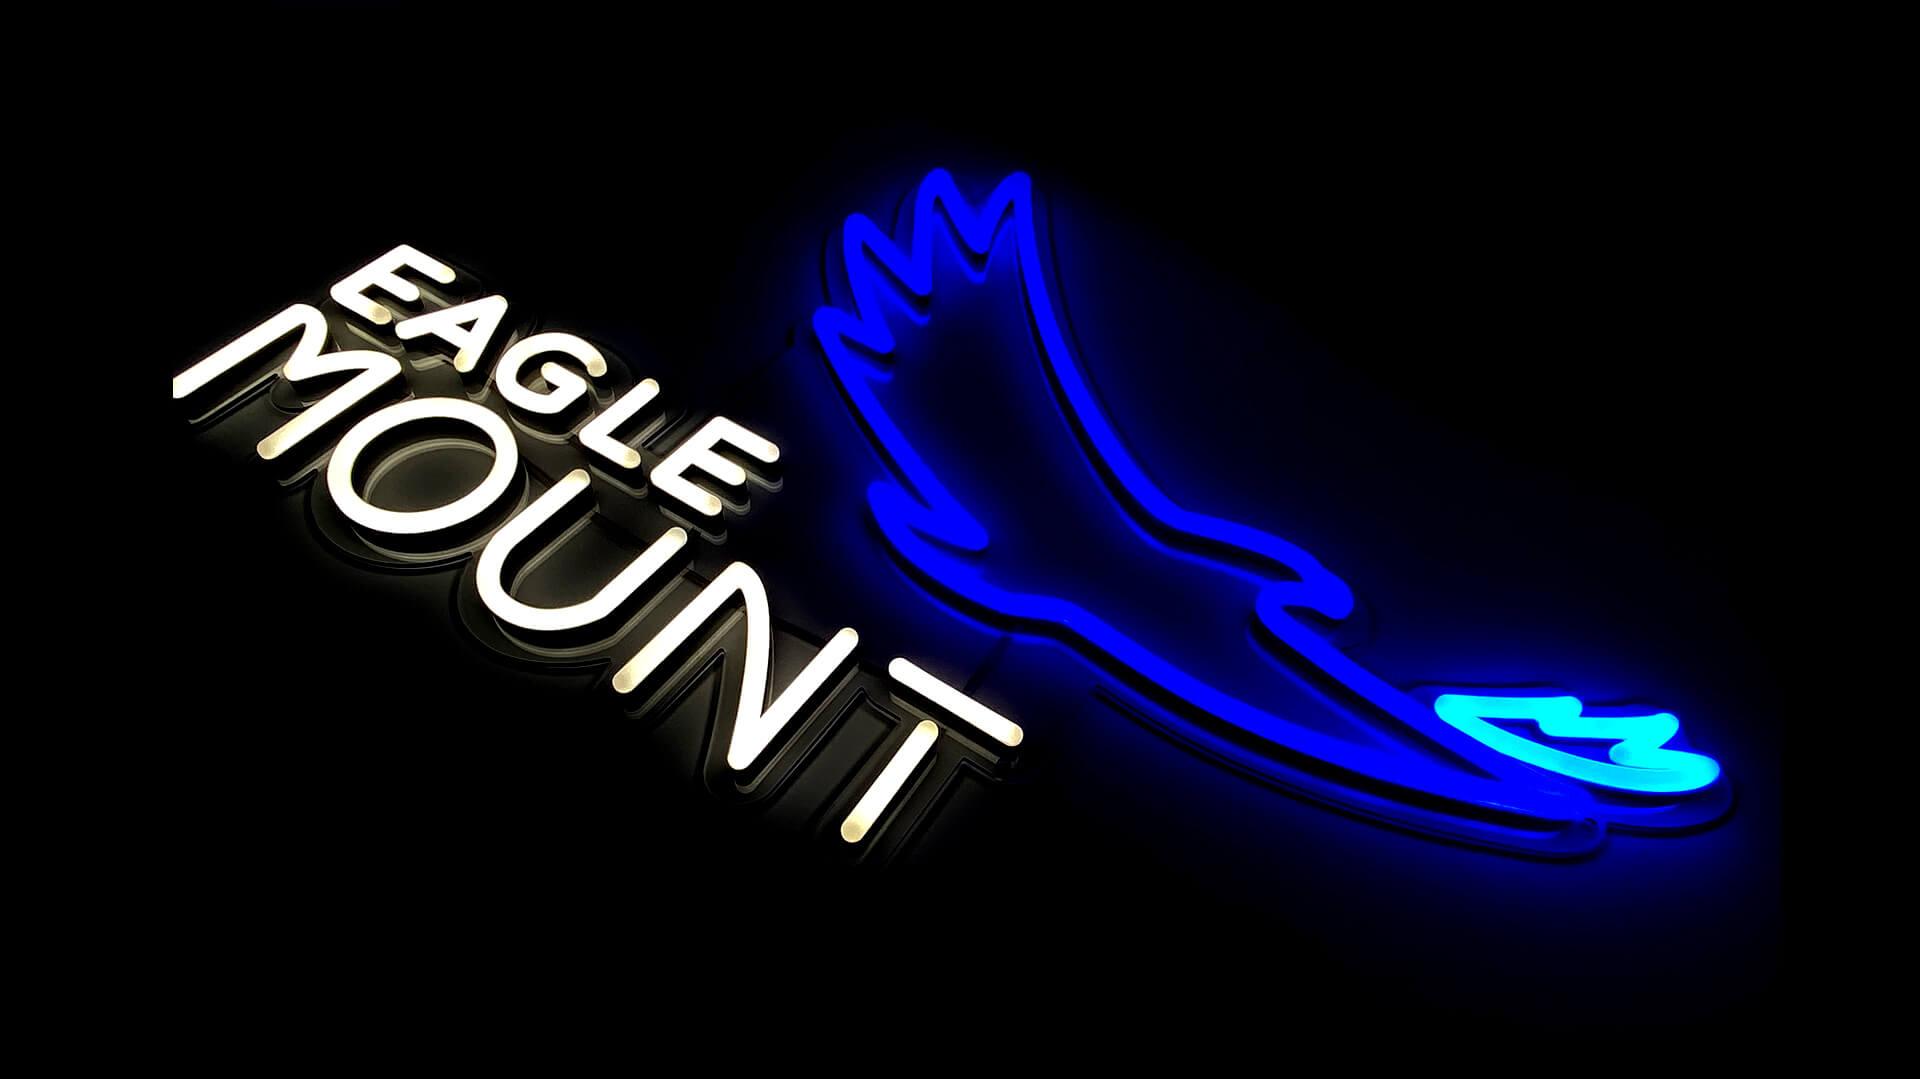 Beautiful Blue Eagle Neon Sign